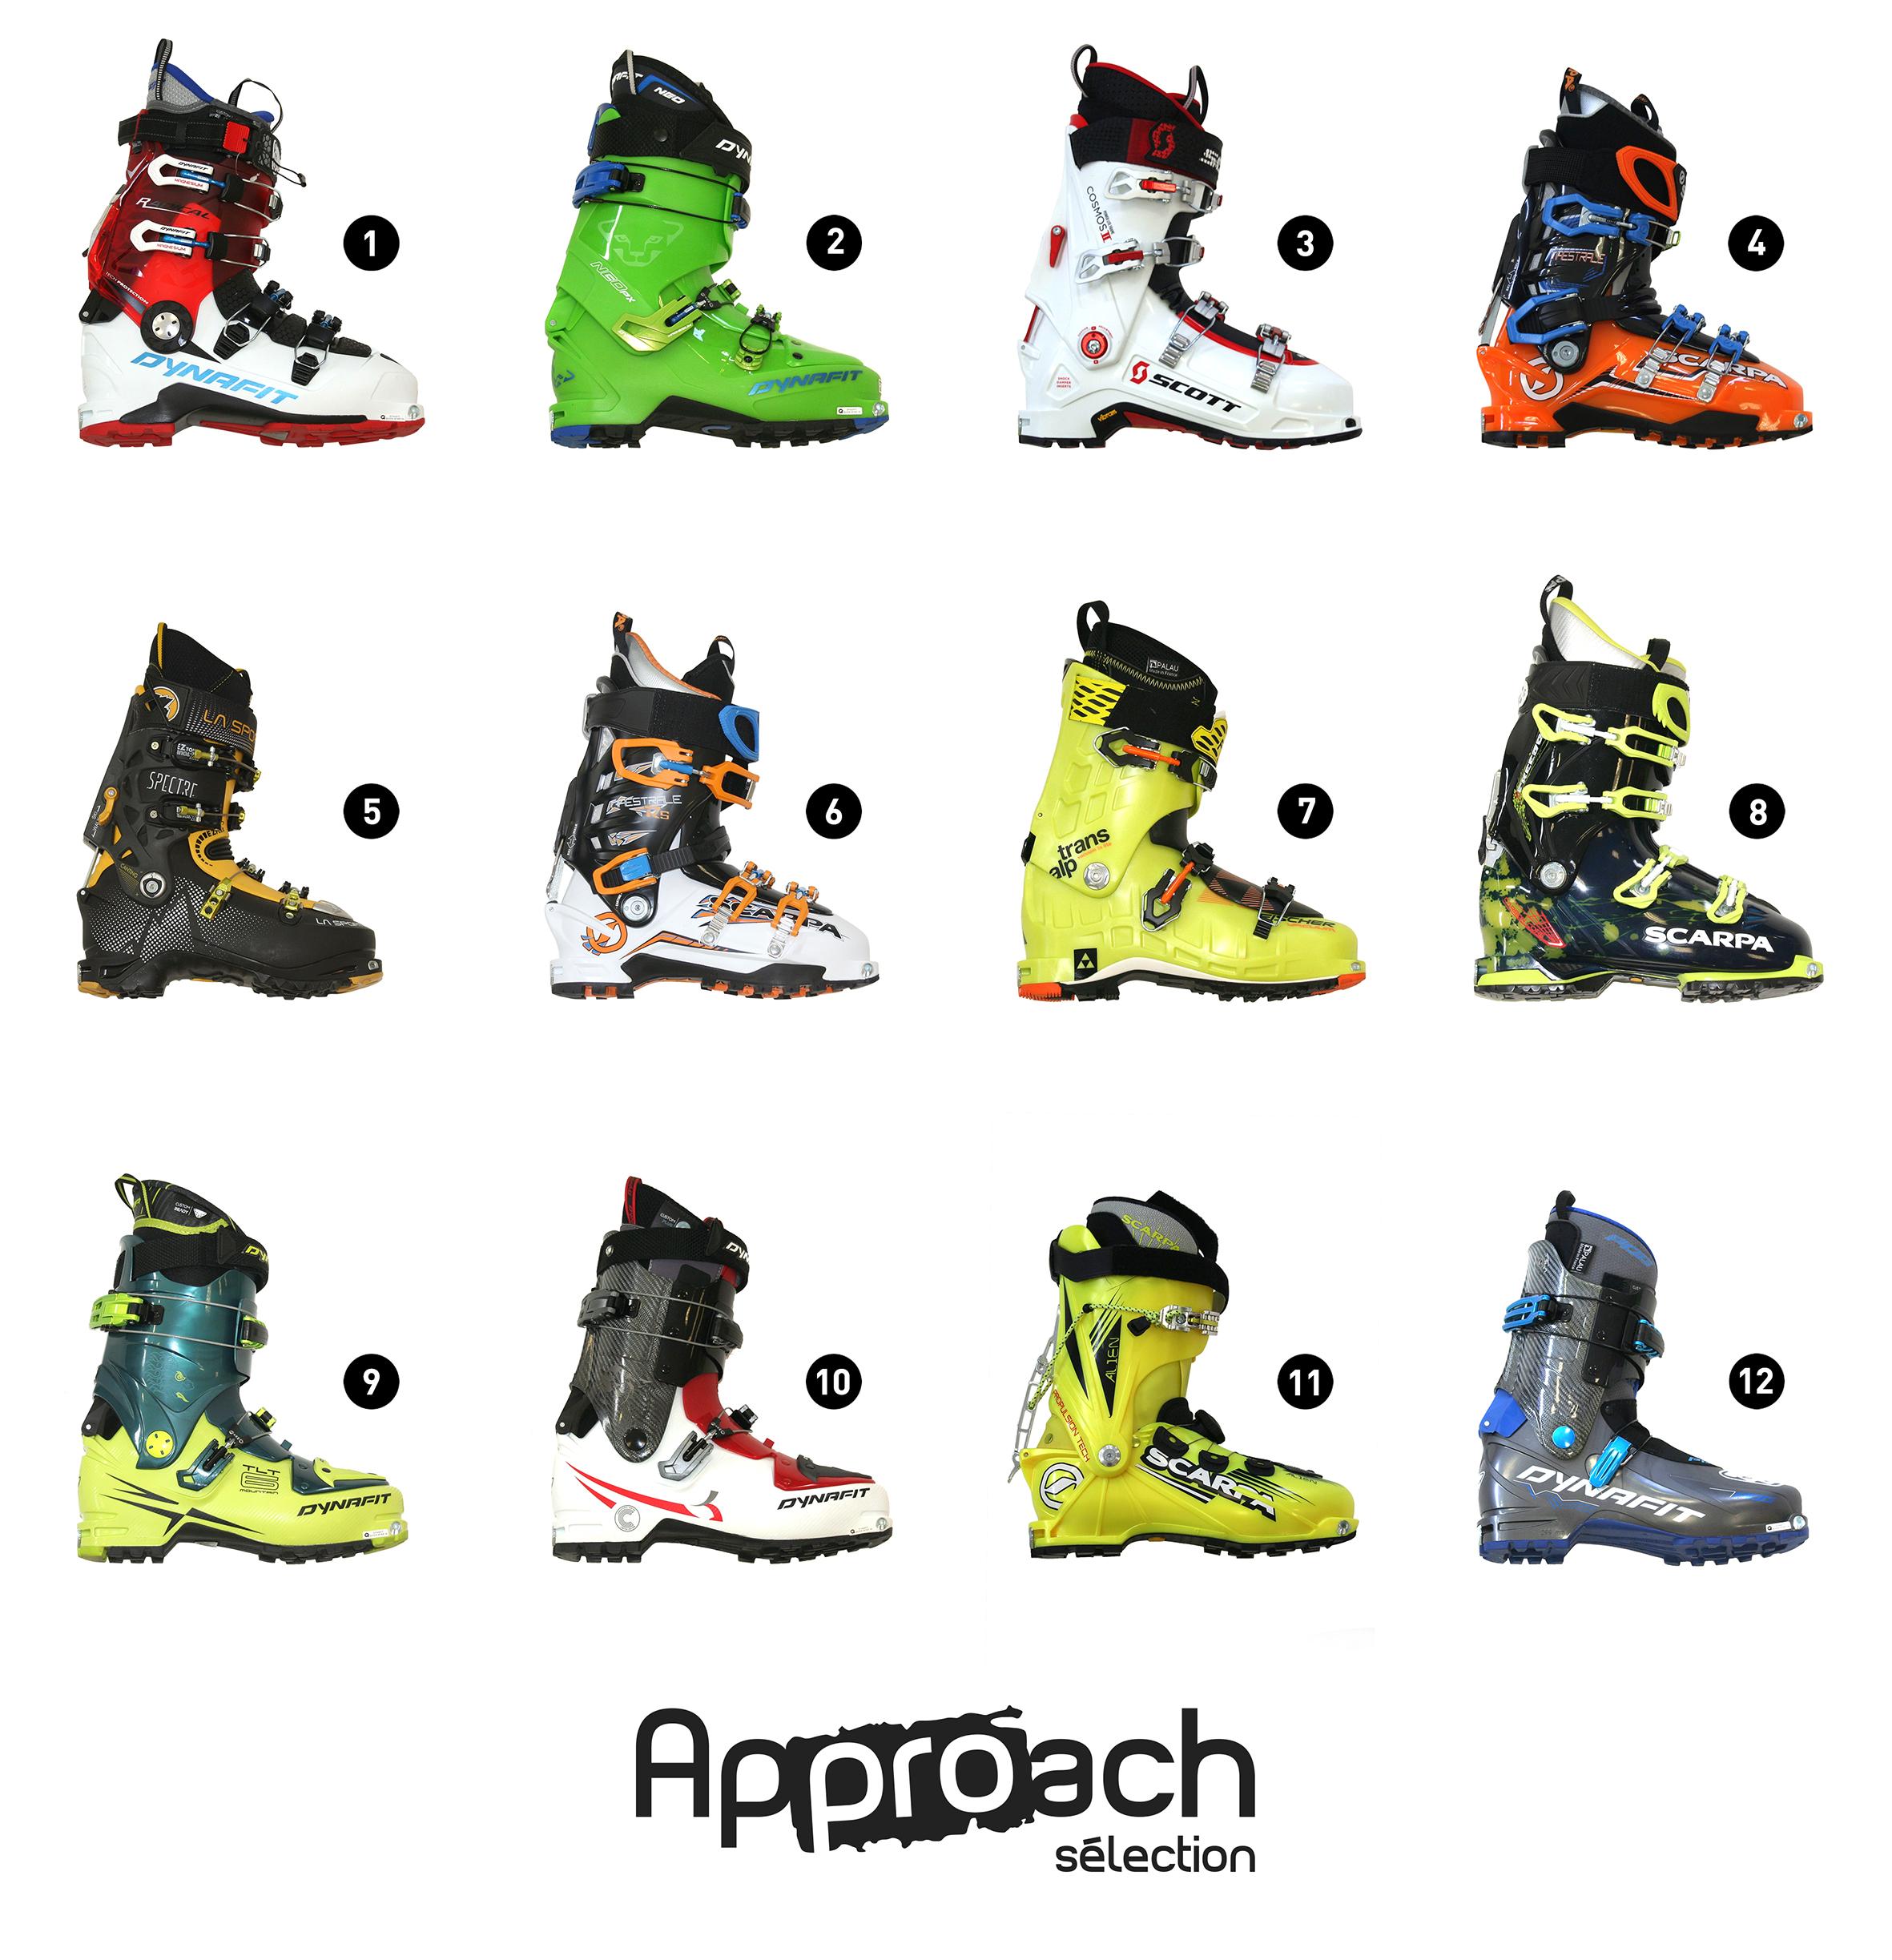 prix fou concepteur neuf et d'occasion se connecter Approach Sélection] Chaussures Ski de rando automne/hiver ...